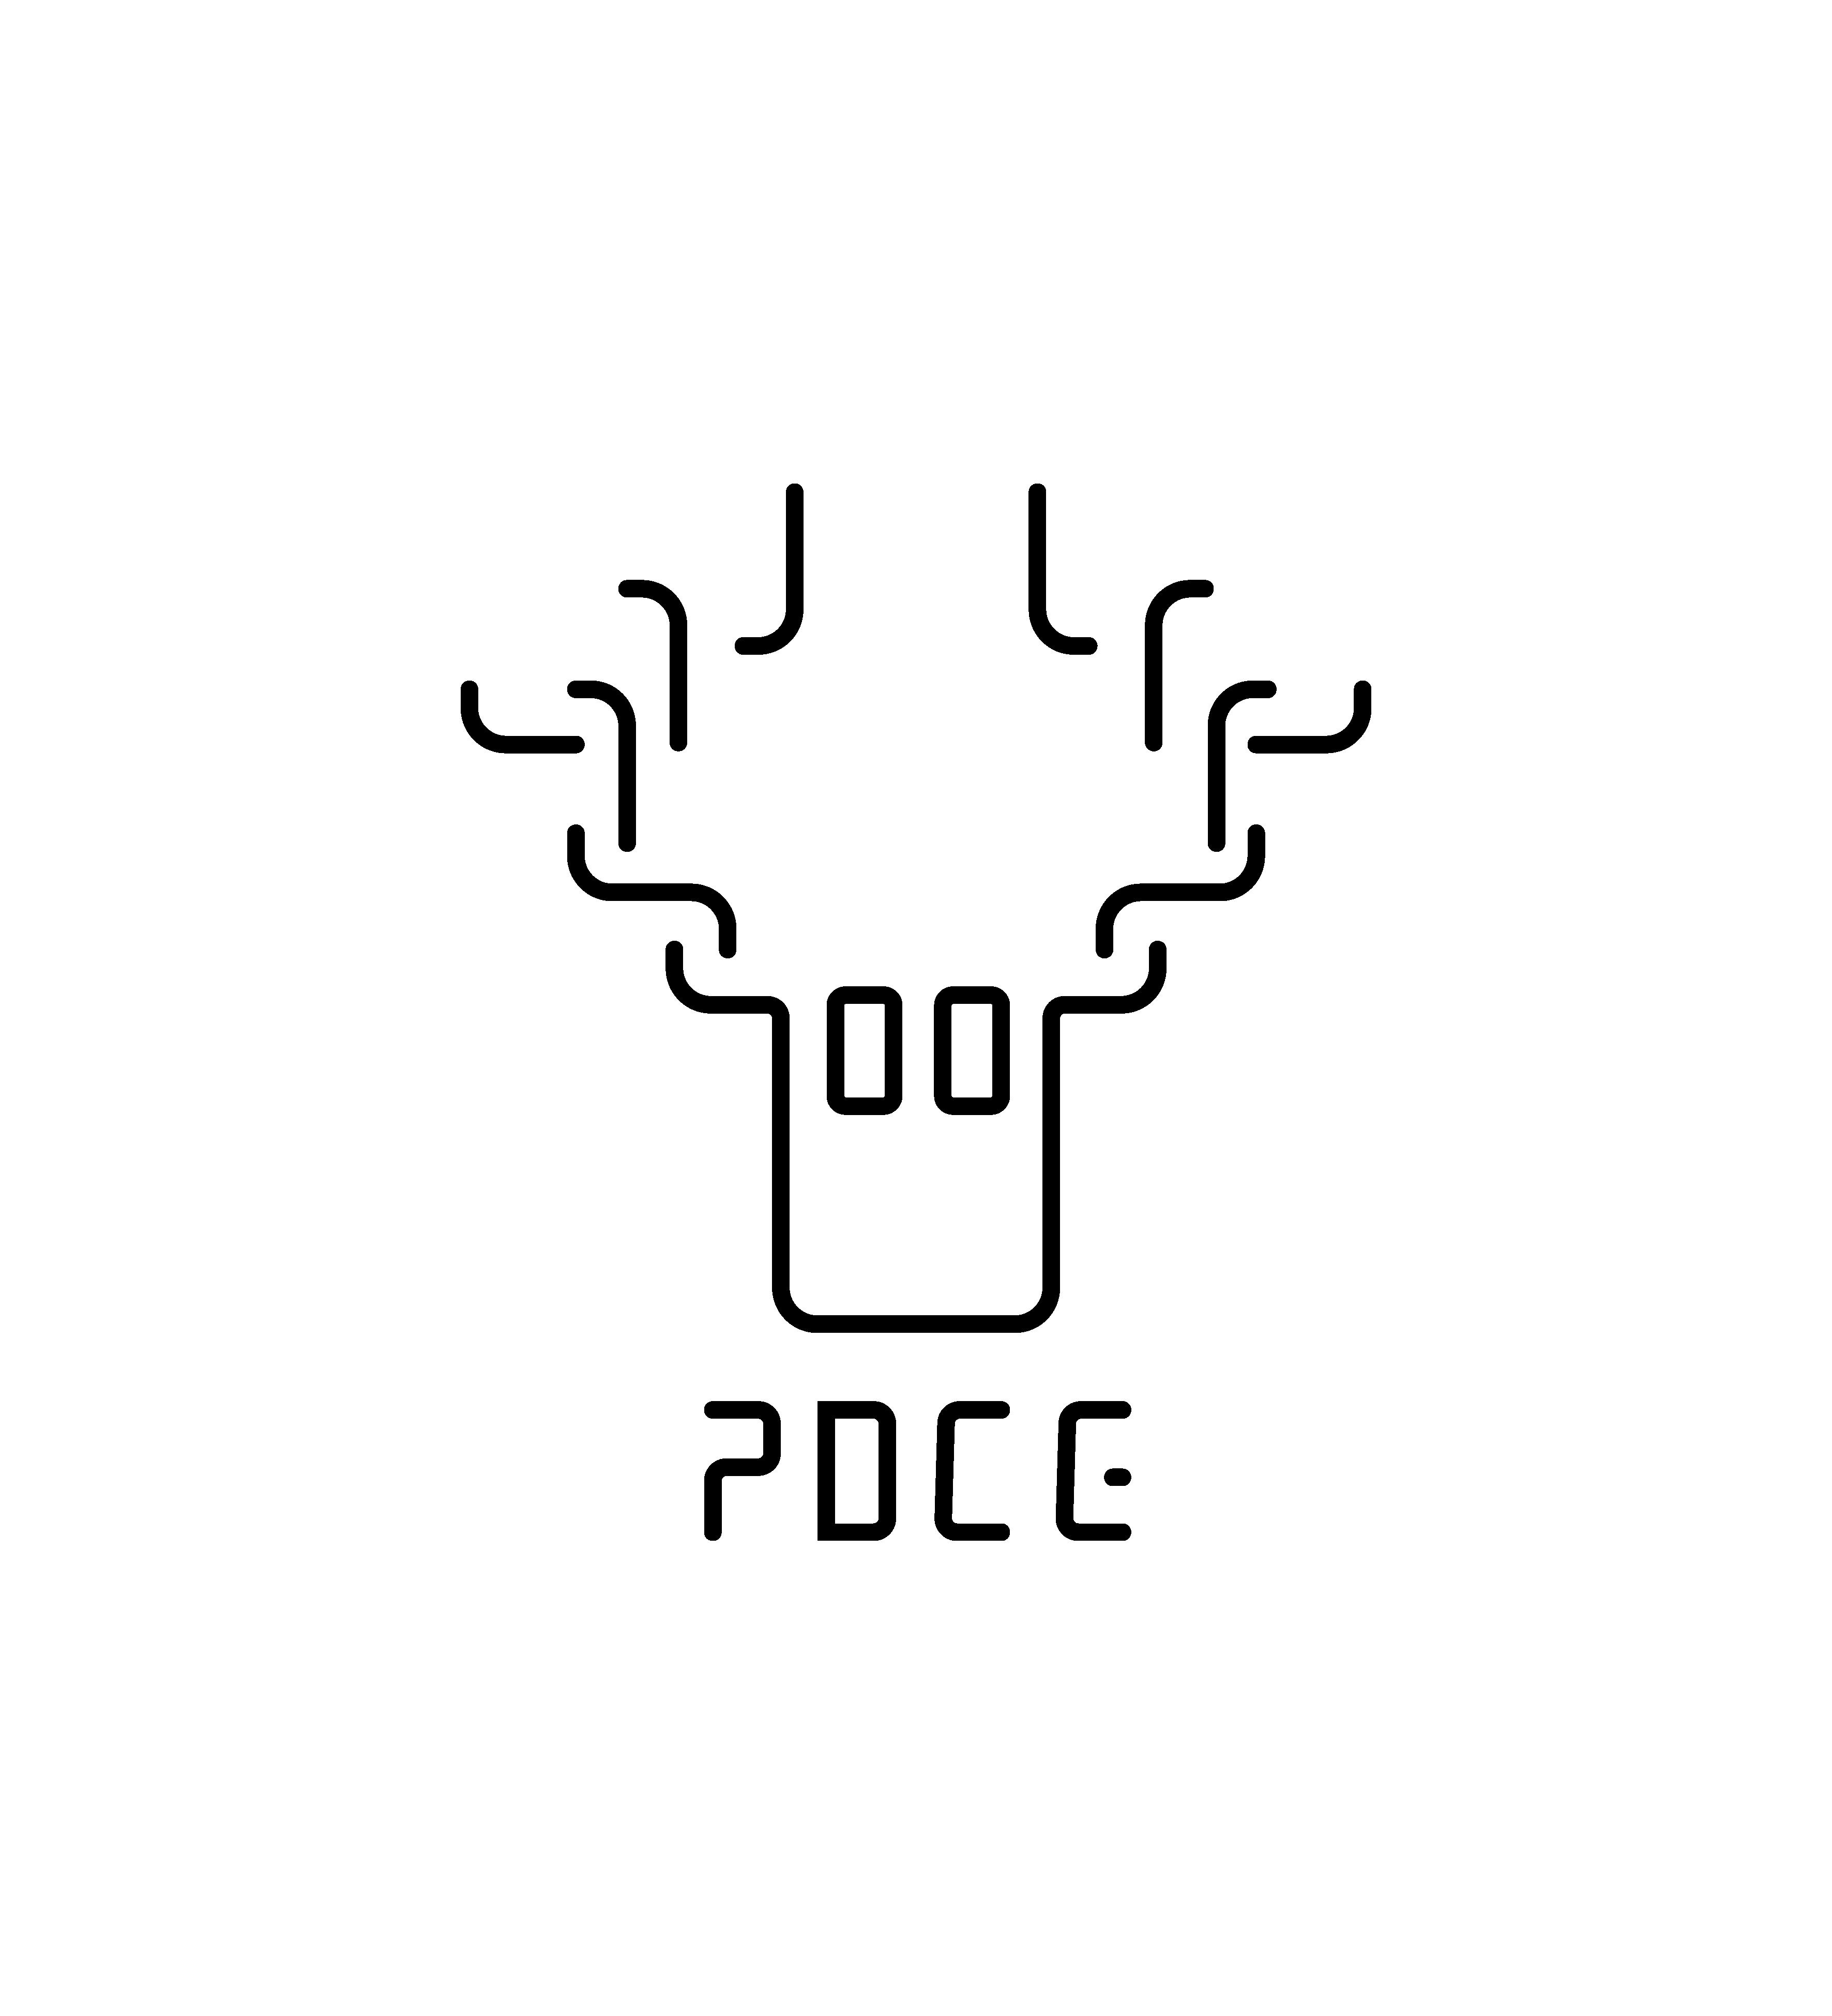 麋鹿简笔画图片